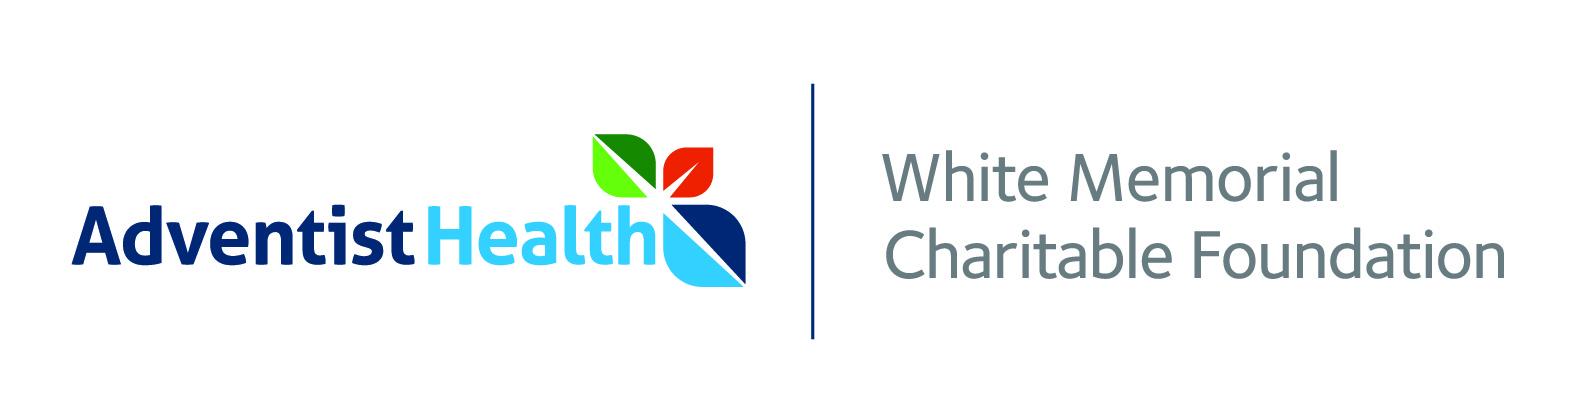 New WMMC Logo